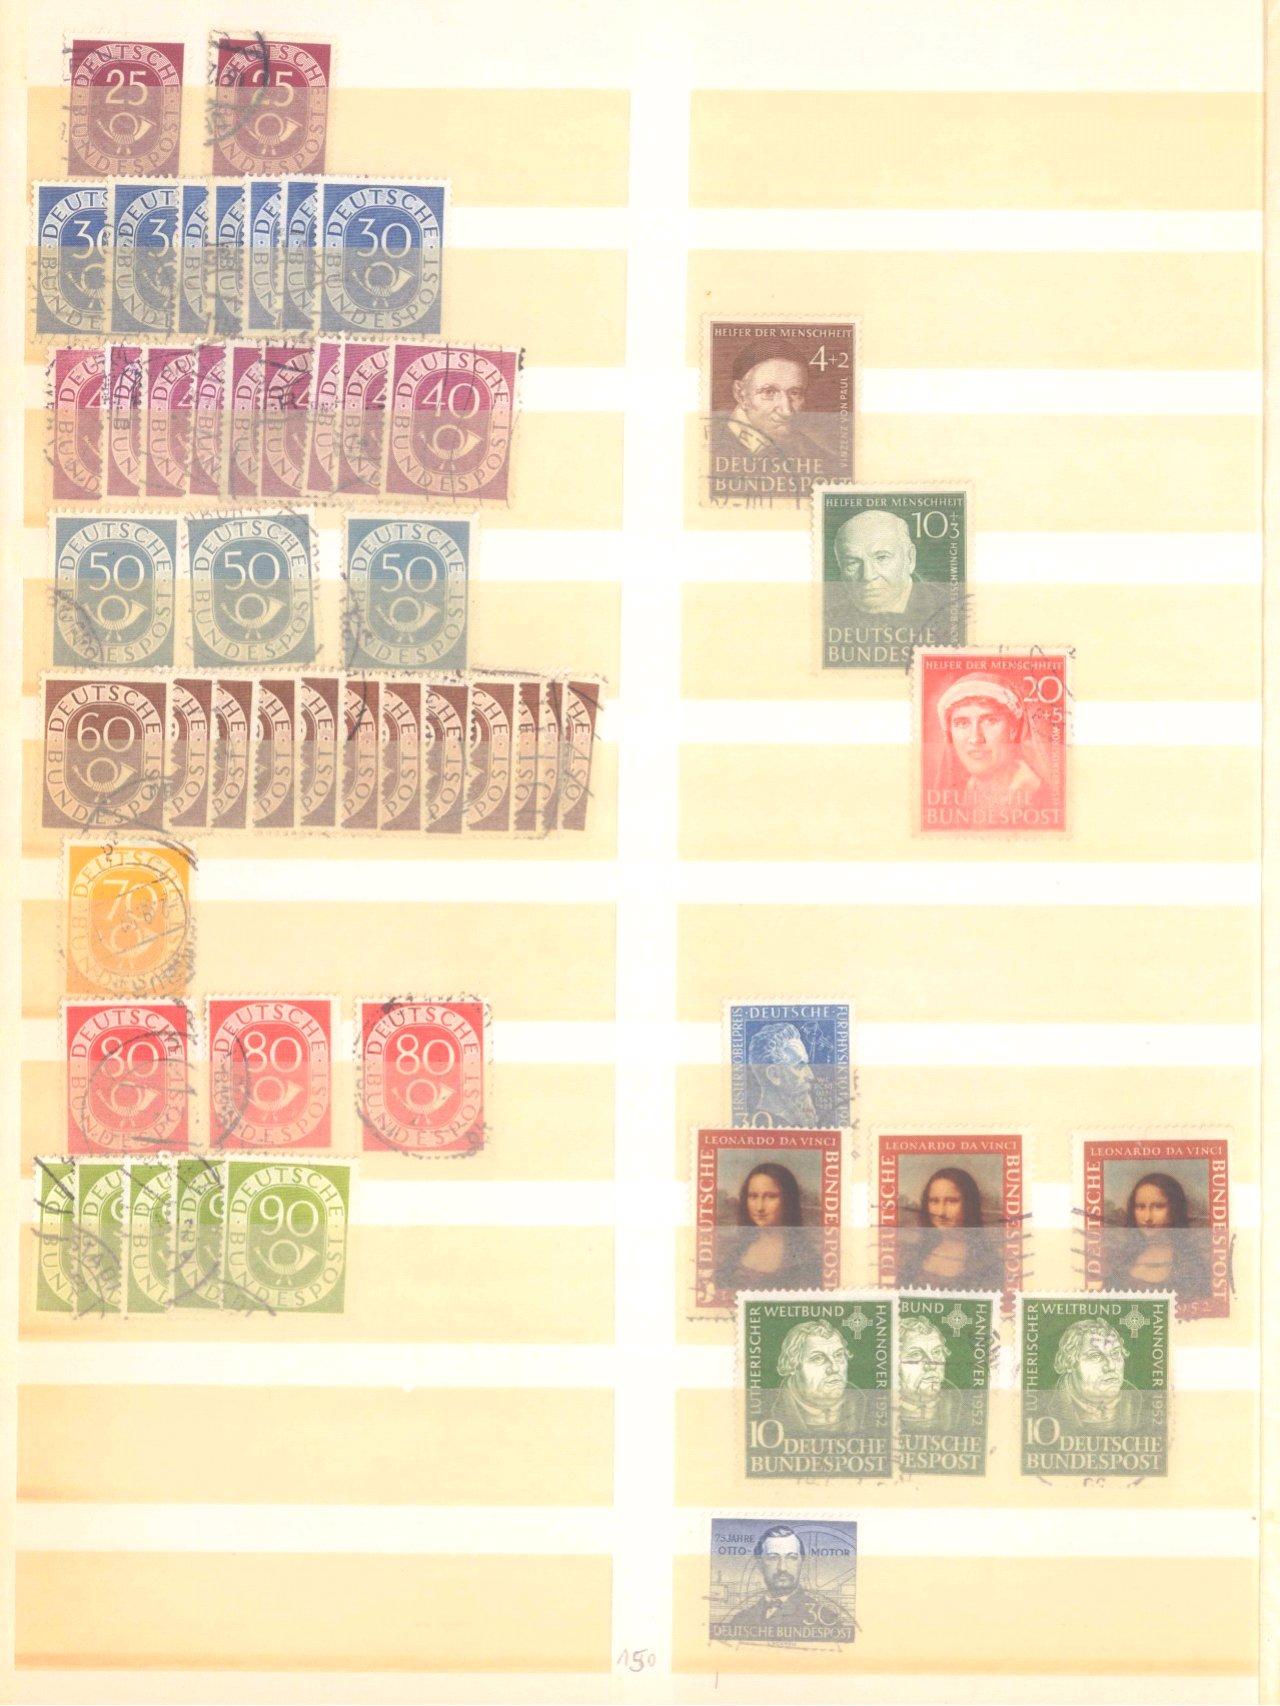 Mannheimer Briefmarkennachlass-10